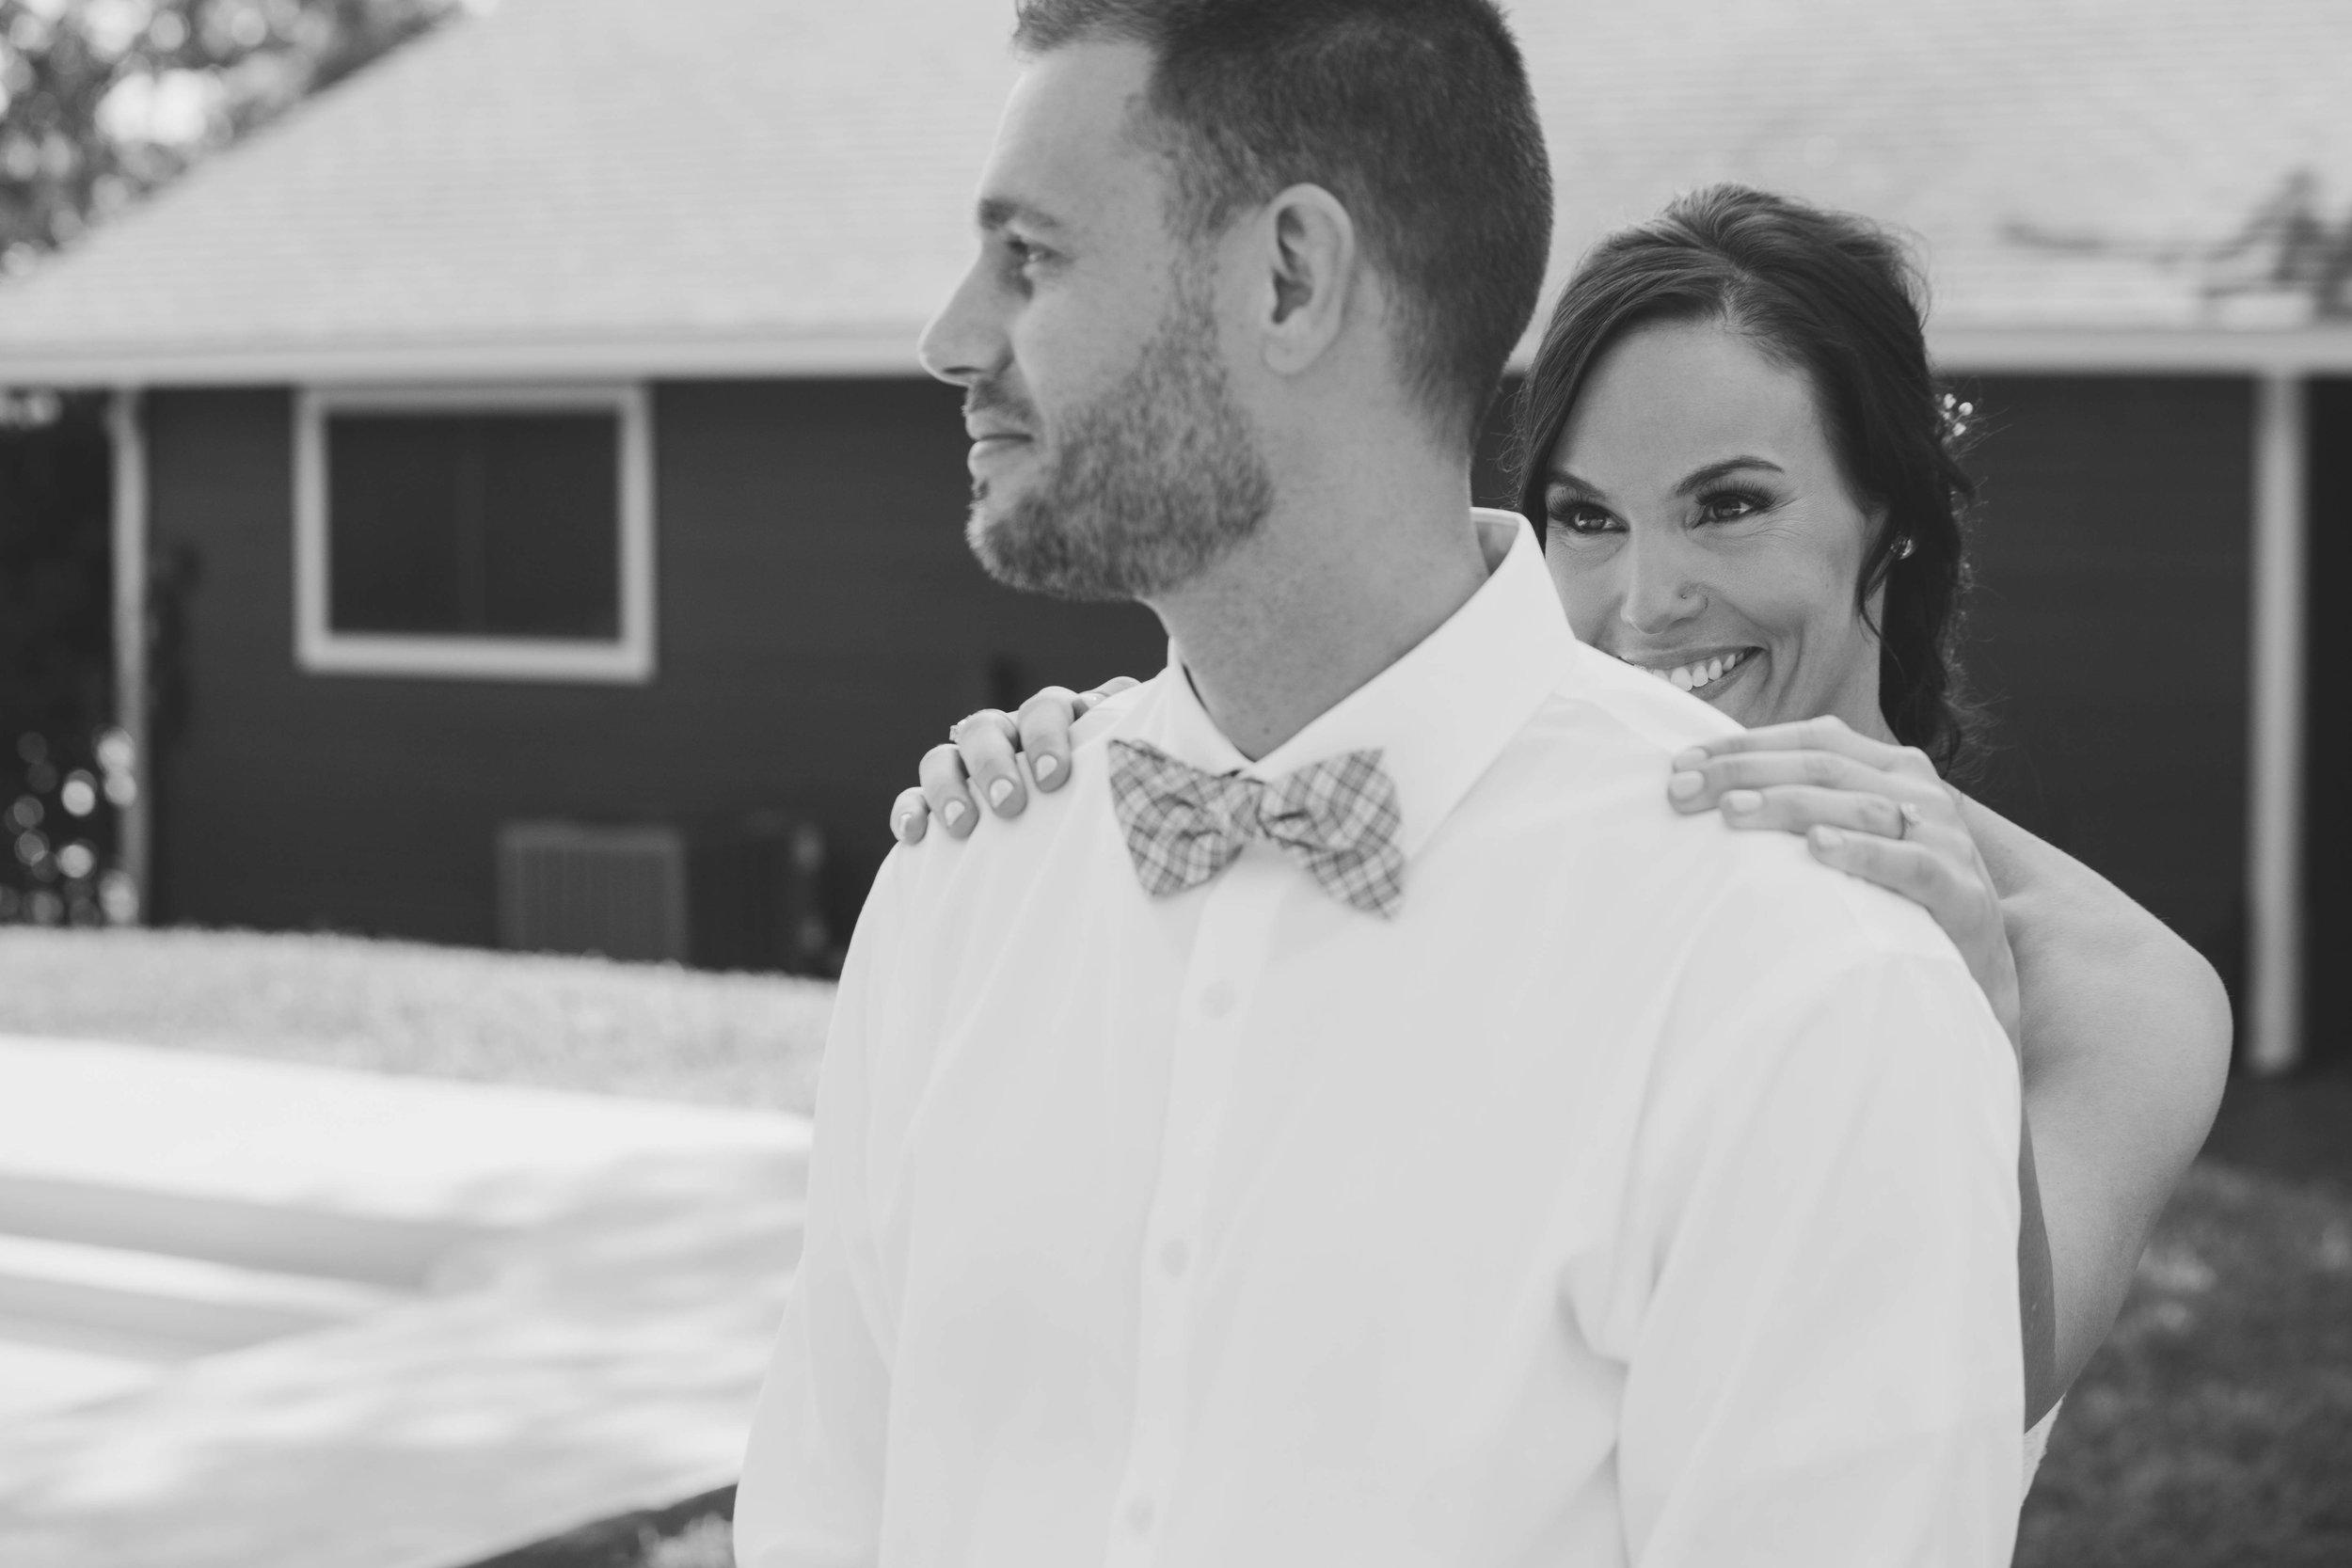 ATGI_Susanna & Matt Wedding_717A7271.jpg